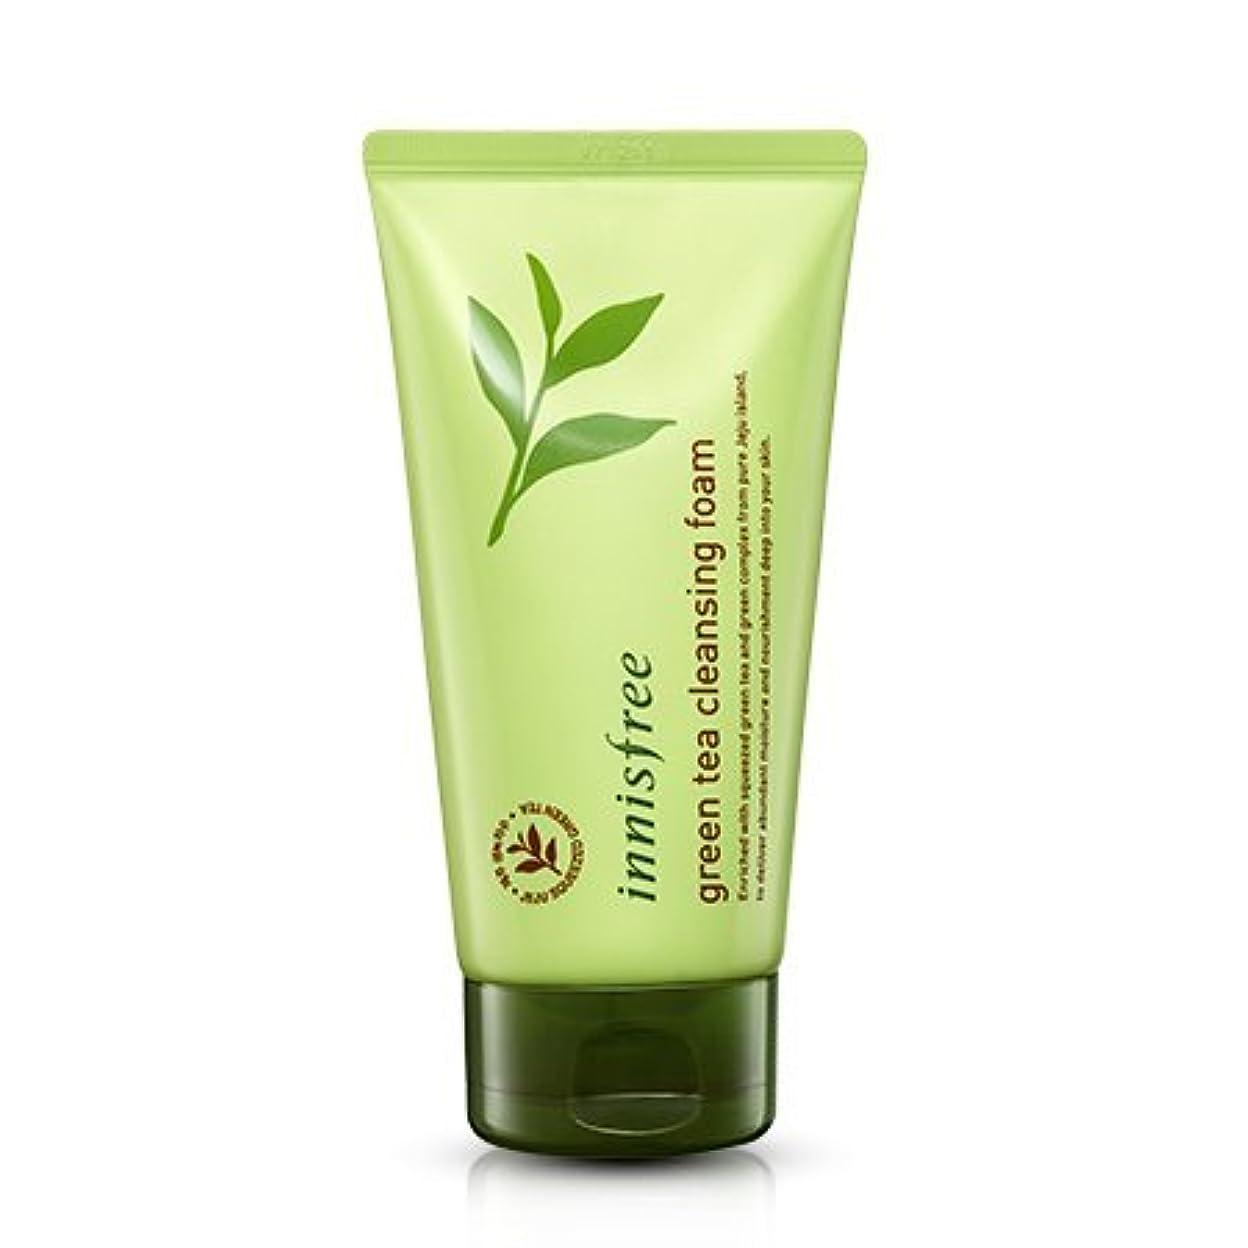 広告バランスのとれたセメント(Innisfree イニスフリー) GREEN TEA CLEANSING FOAM グリーンティー クレンジング フォーム 洗顔フォーム 洗顔料